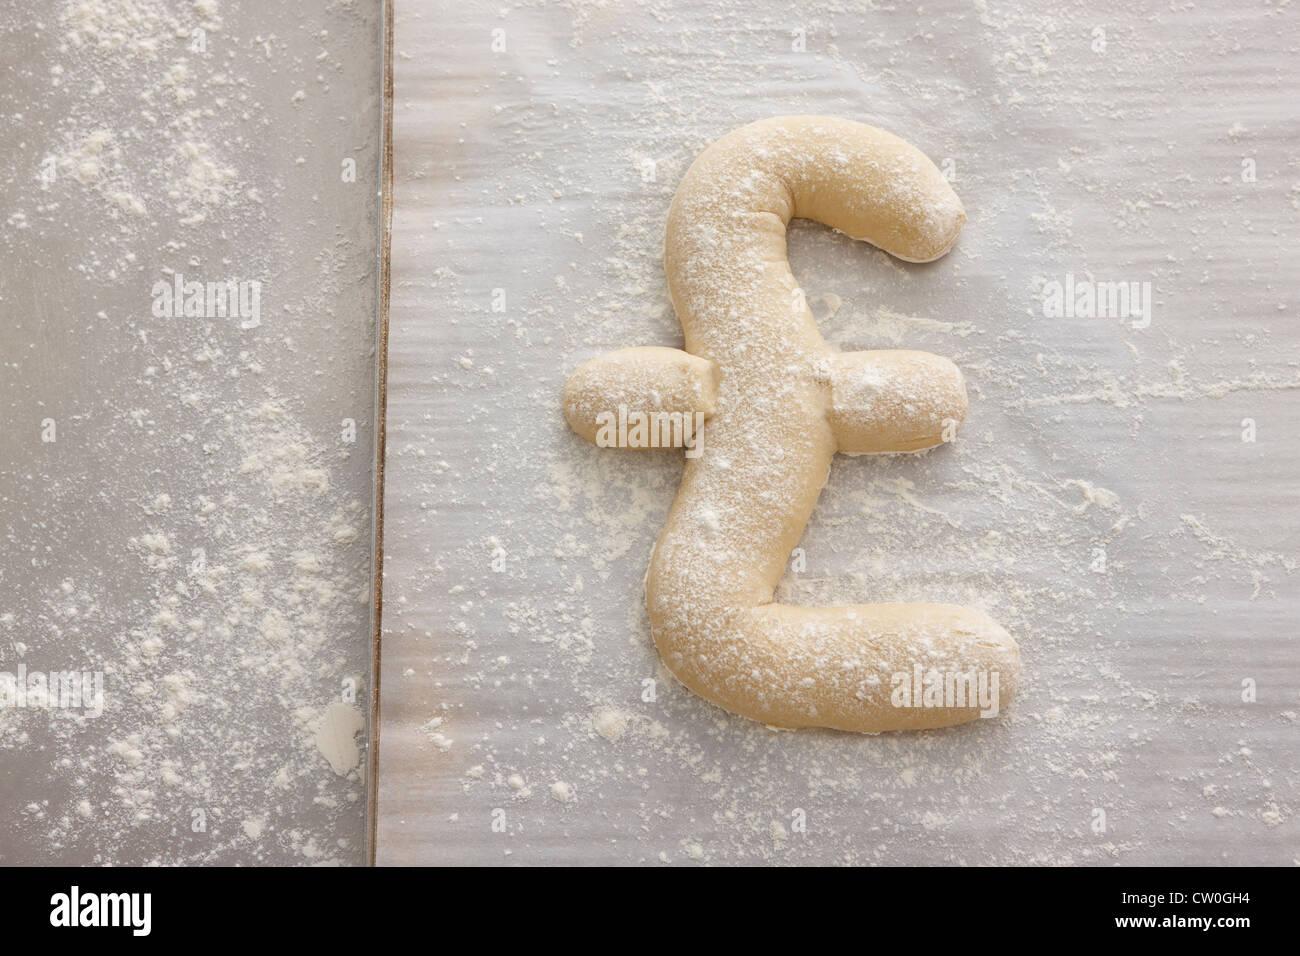 Brotteig geformte in Pfund-symbol Stockbild